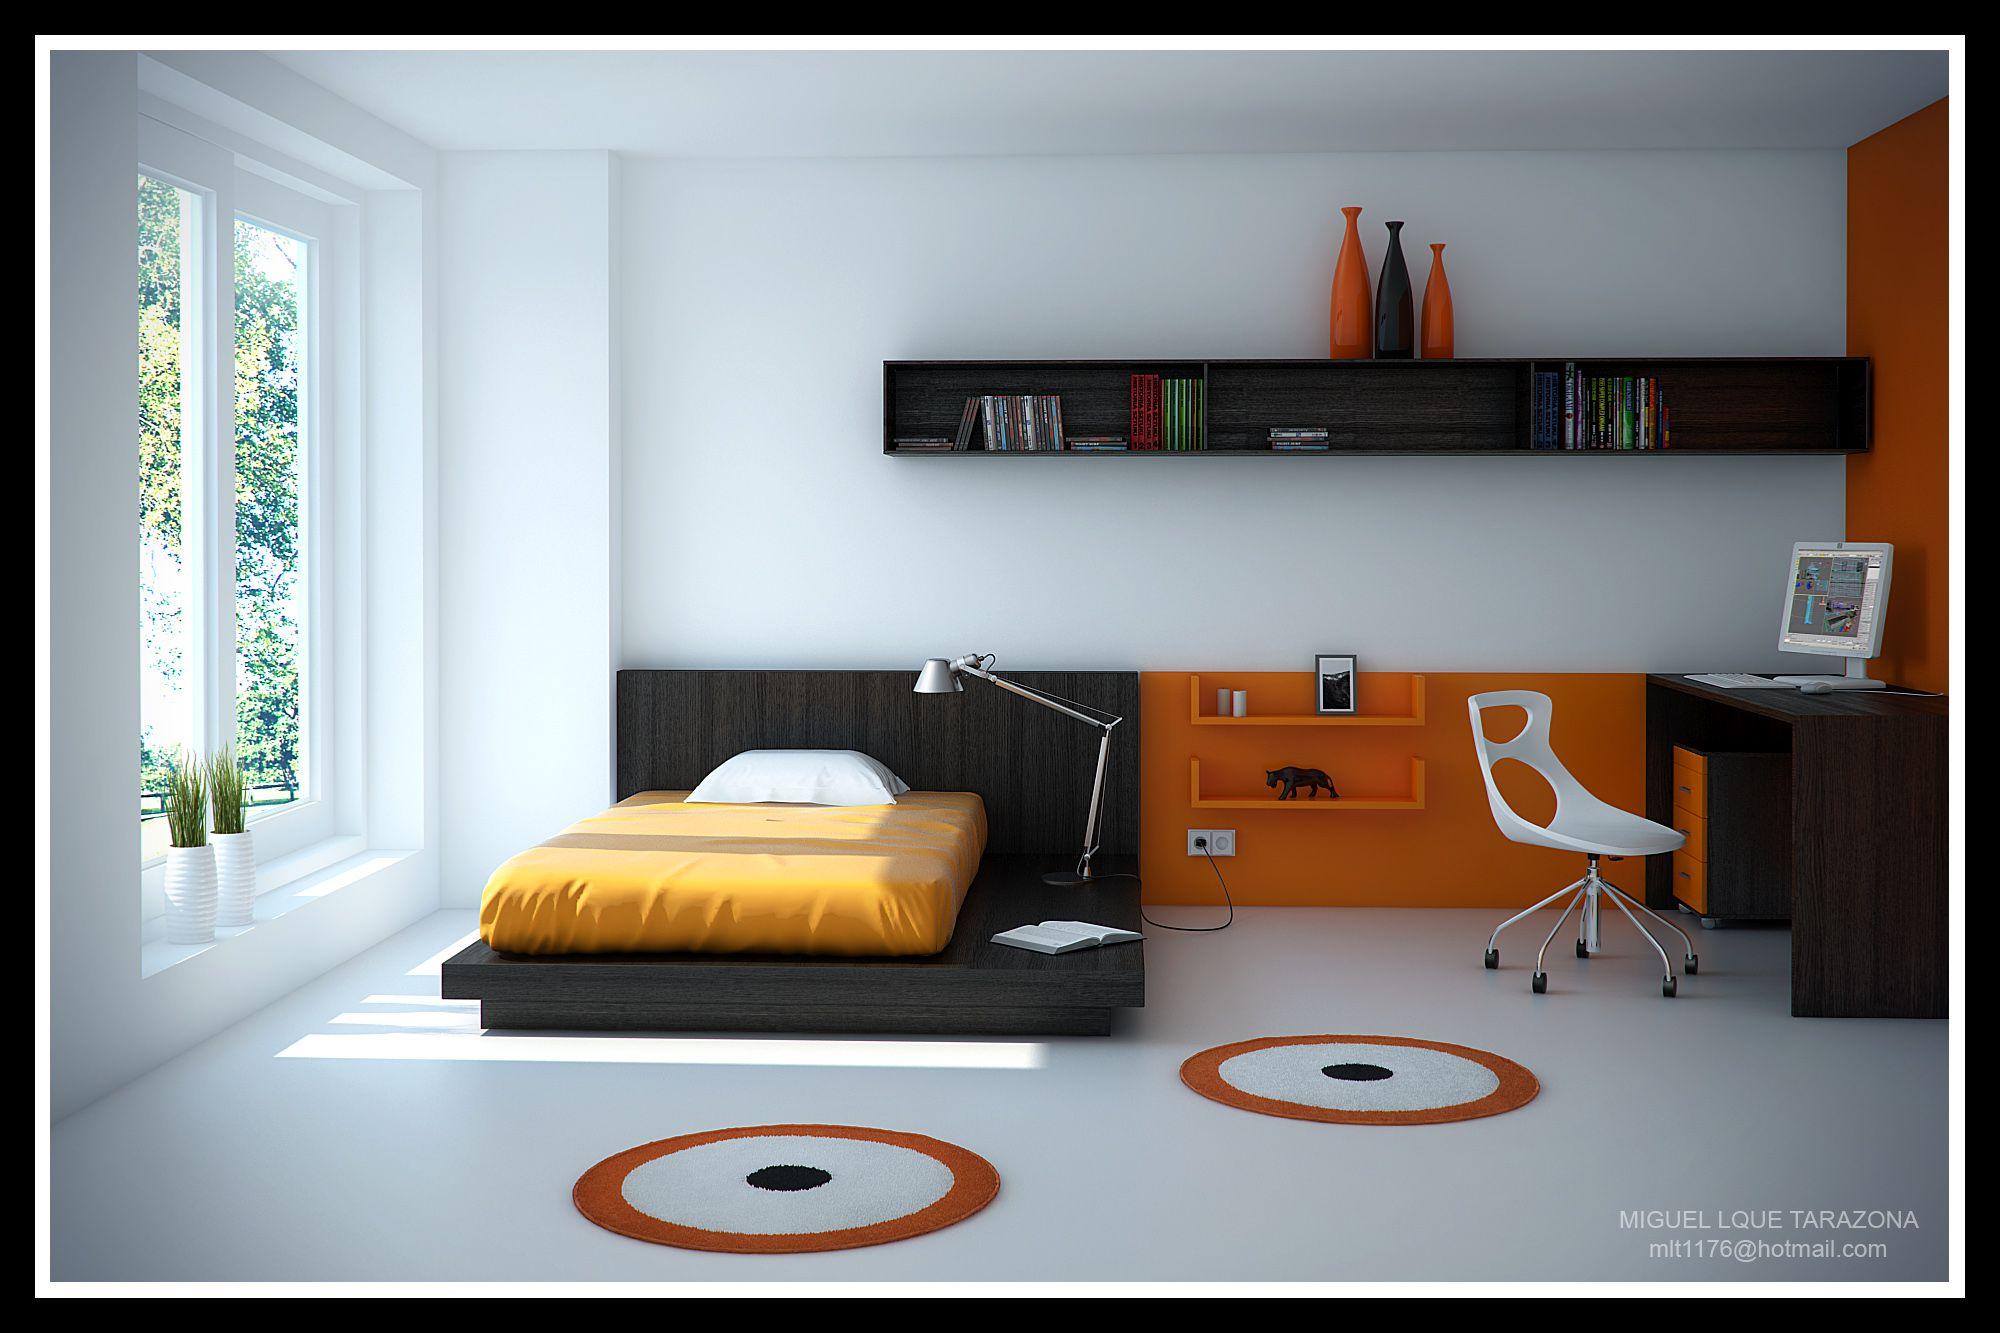 Decoracion de recamaras juveniles para hombre interesting resultado de imagen para habitacion - Decoracion de habitacion juvenil ...